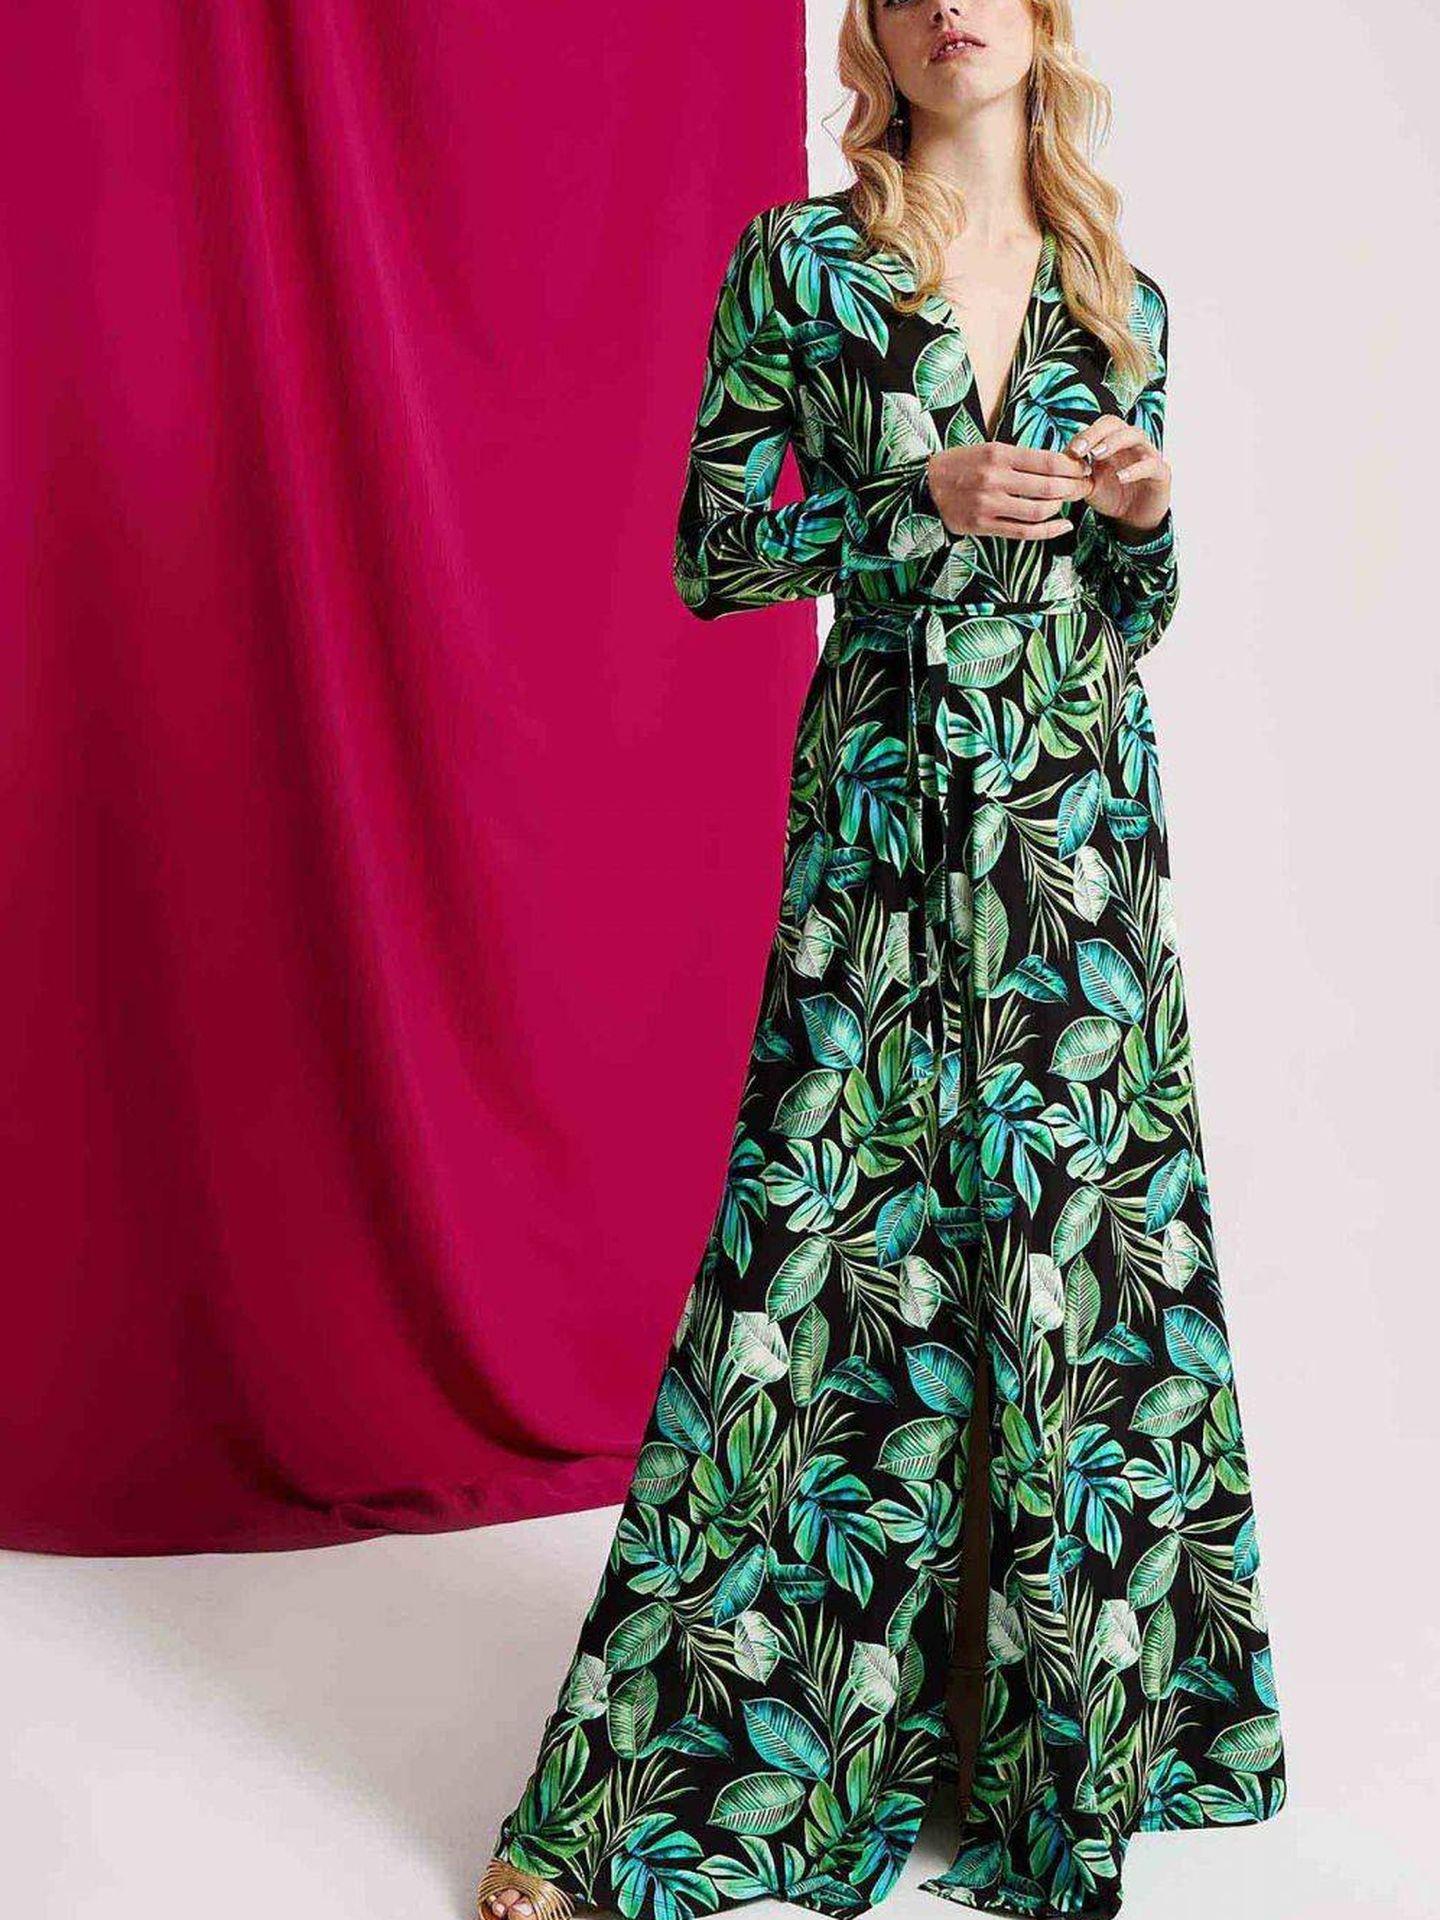 Vestido de Dolores Promesas. (Cortesía)